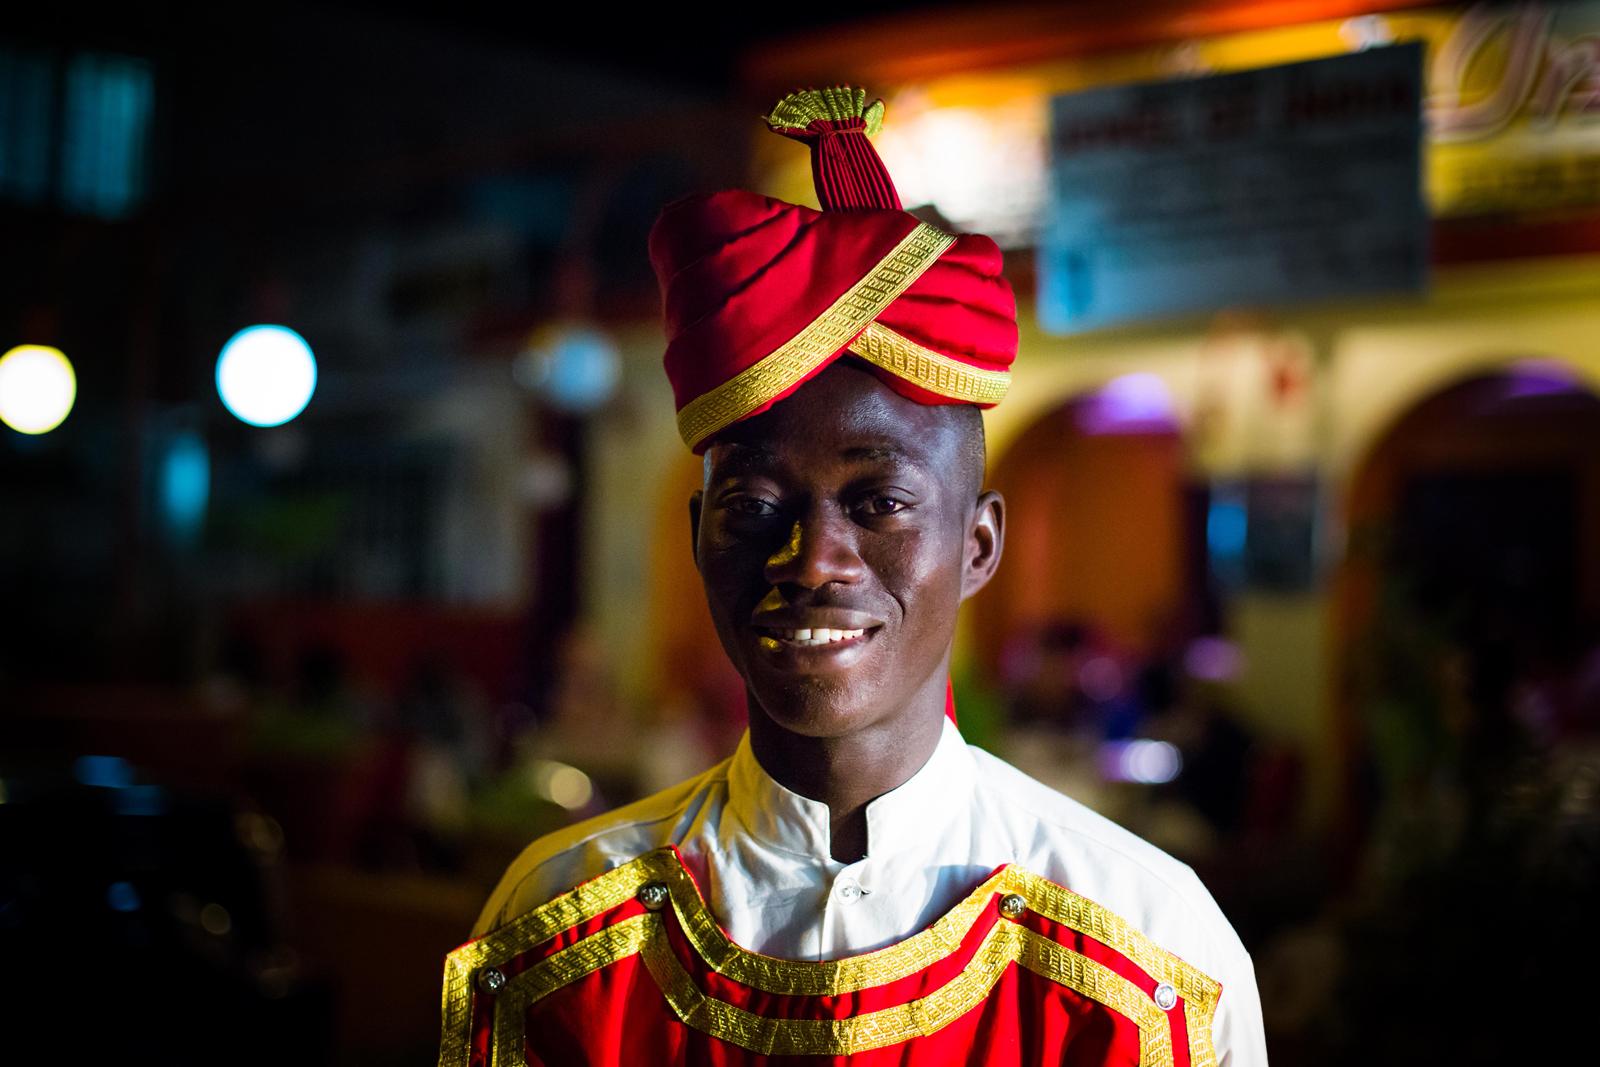 Гамбийский_красавец,_Гамбия